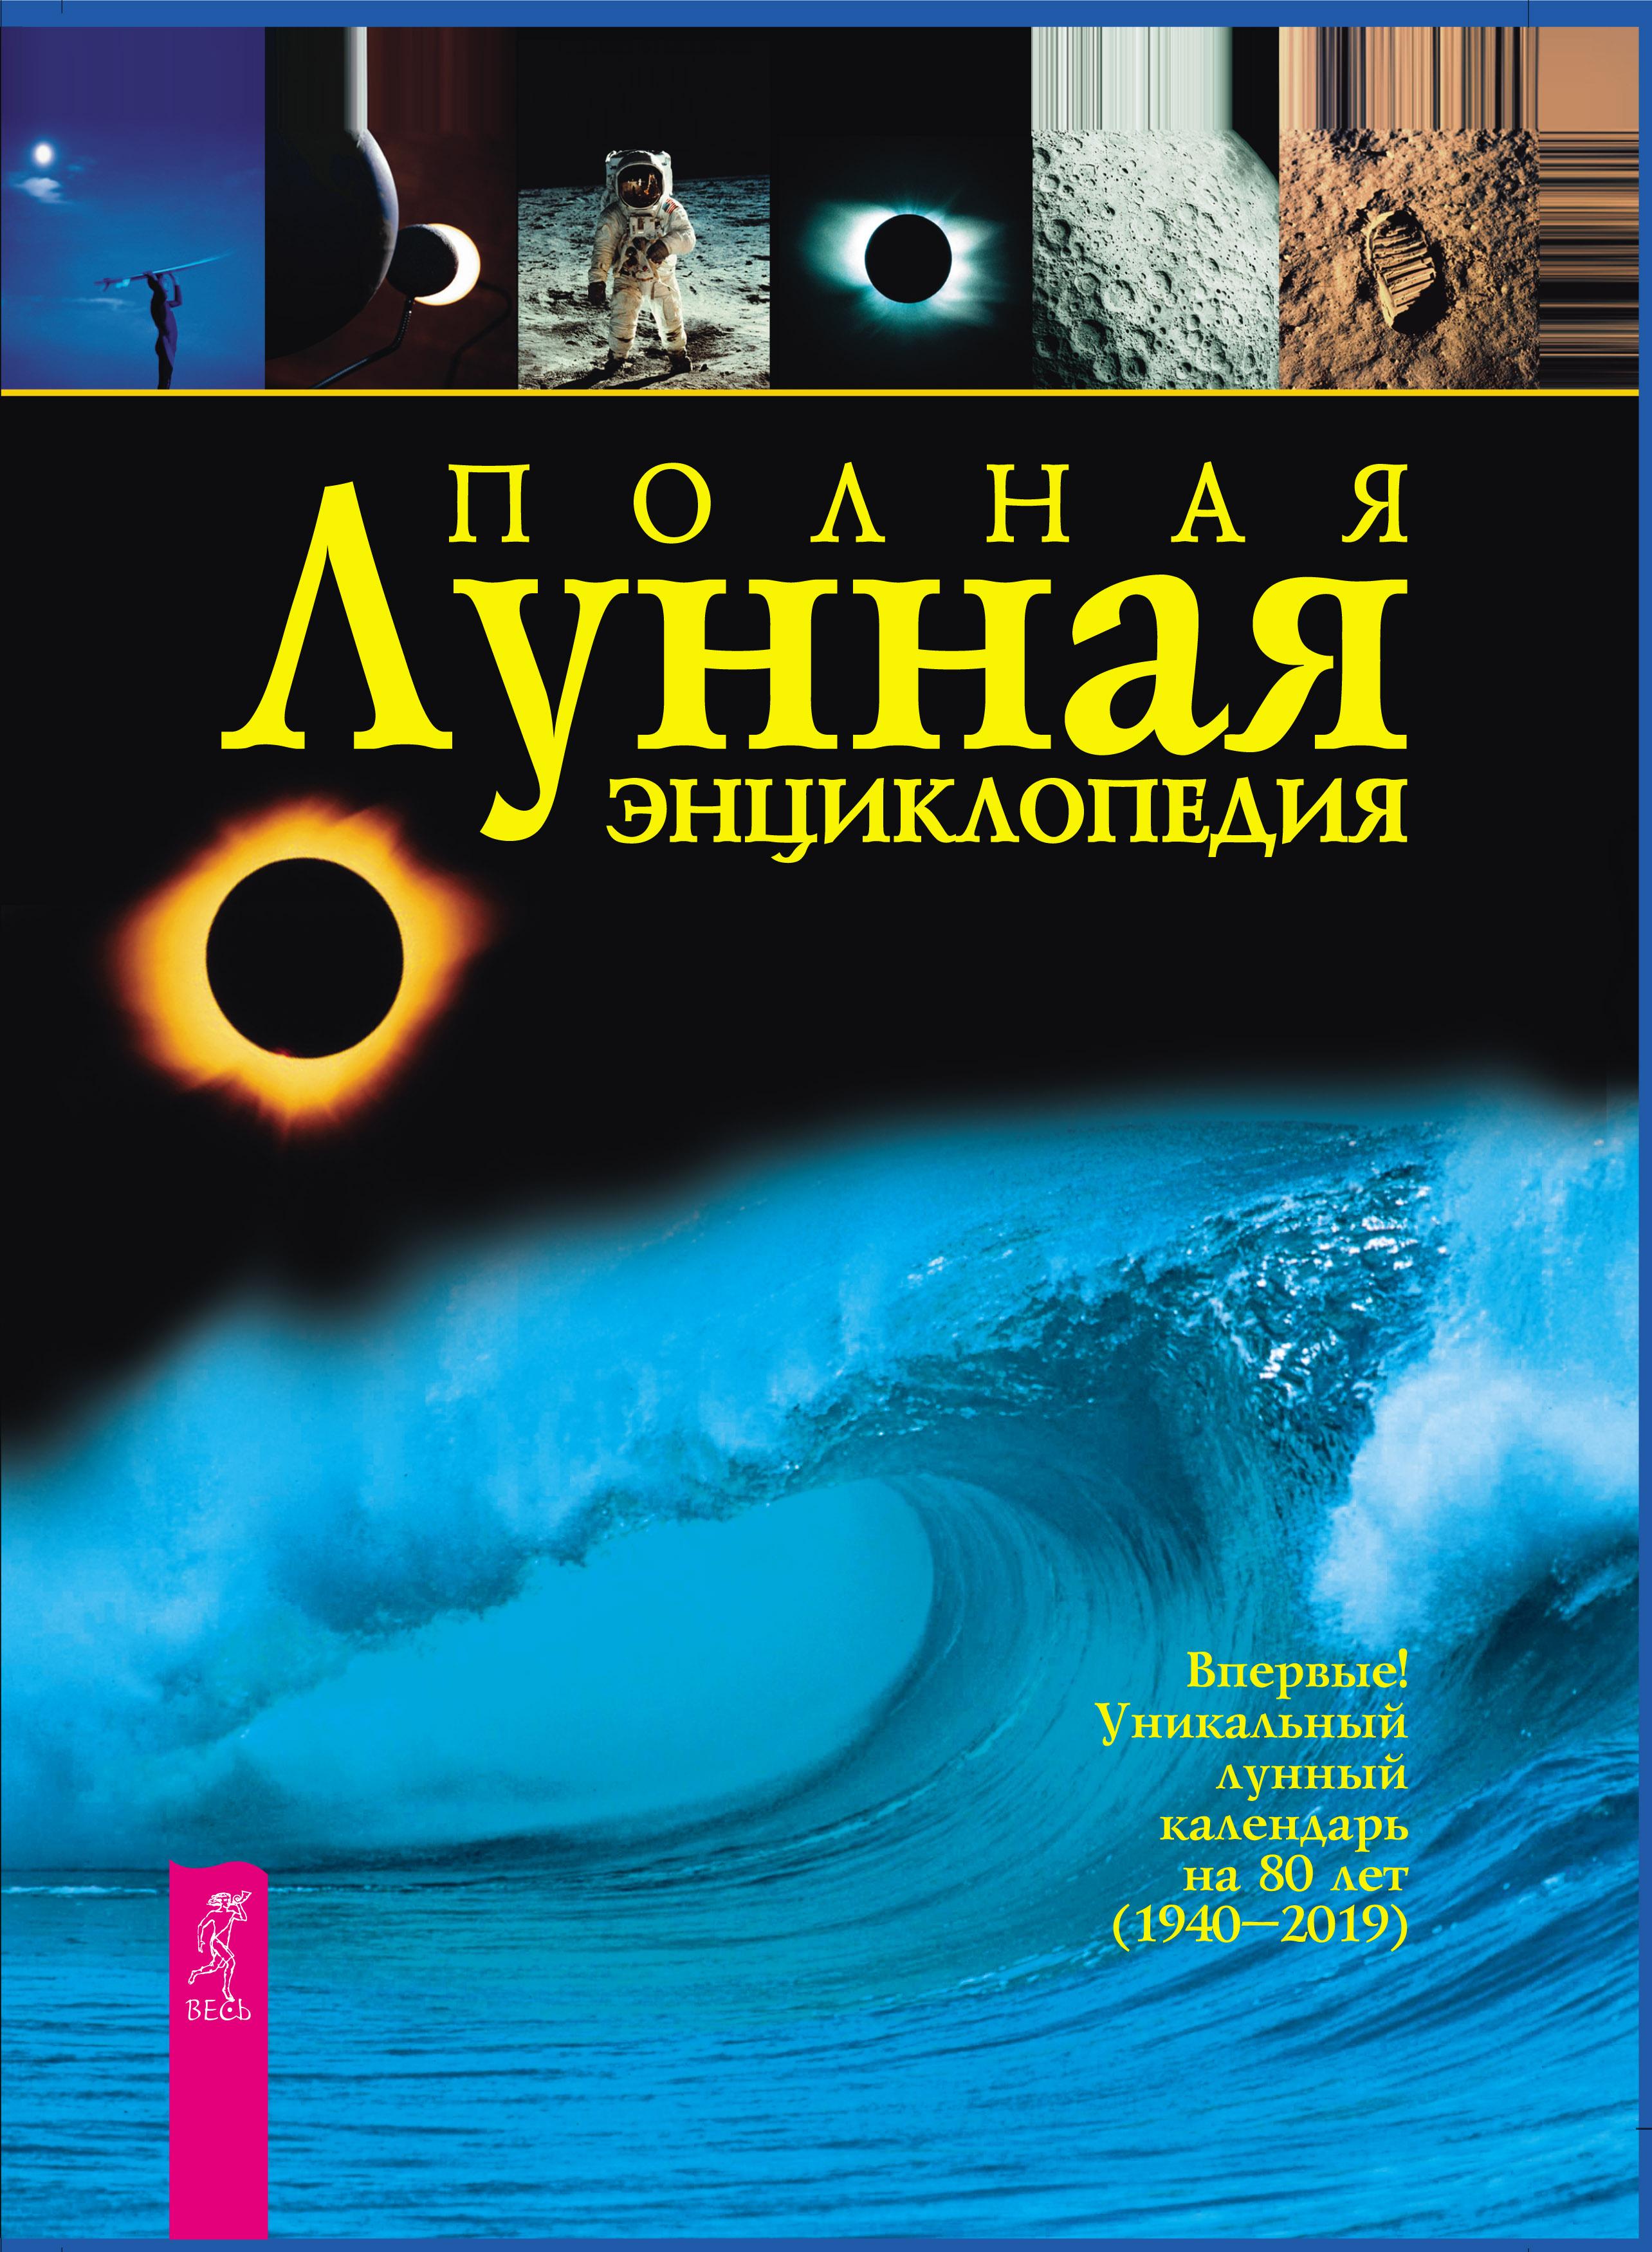 Коллектив авторов. Полная лунная энциклопедия